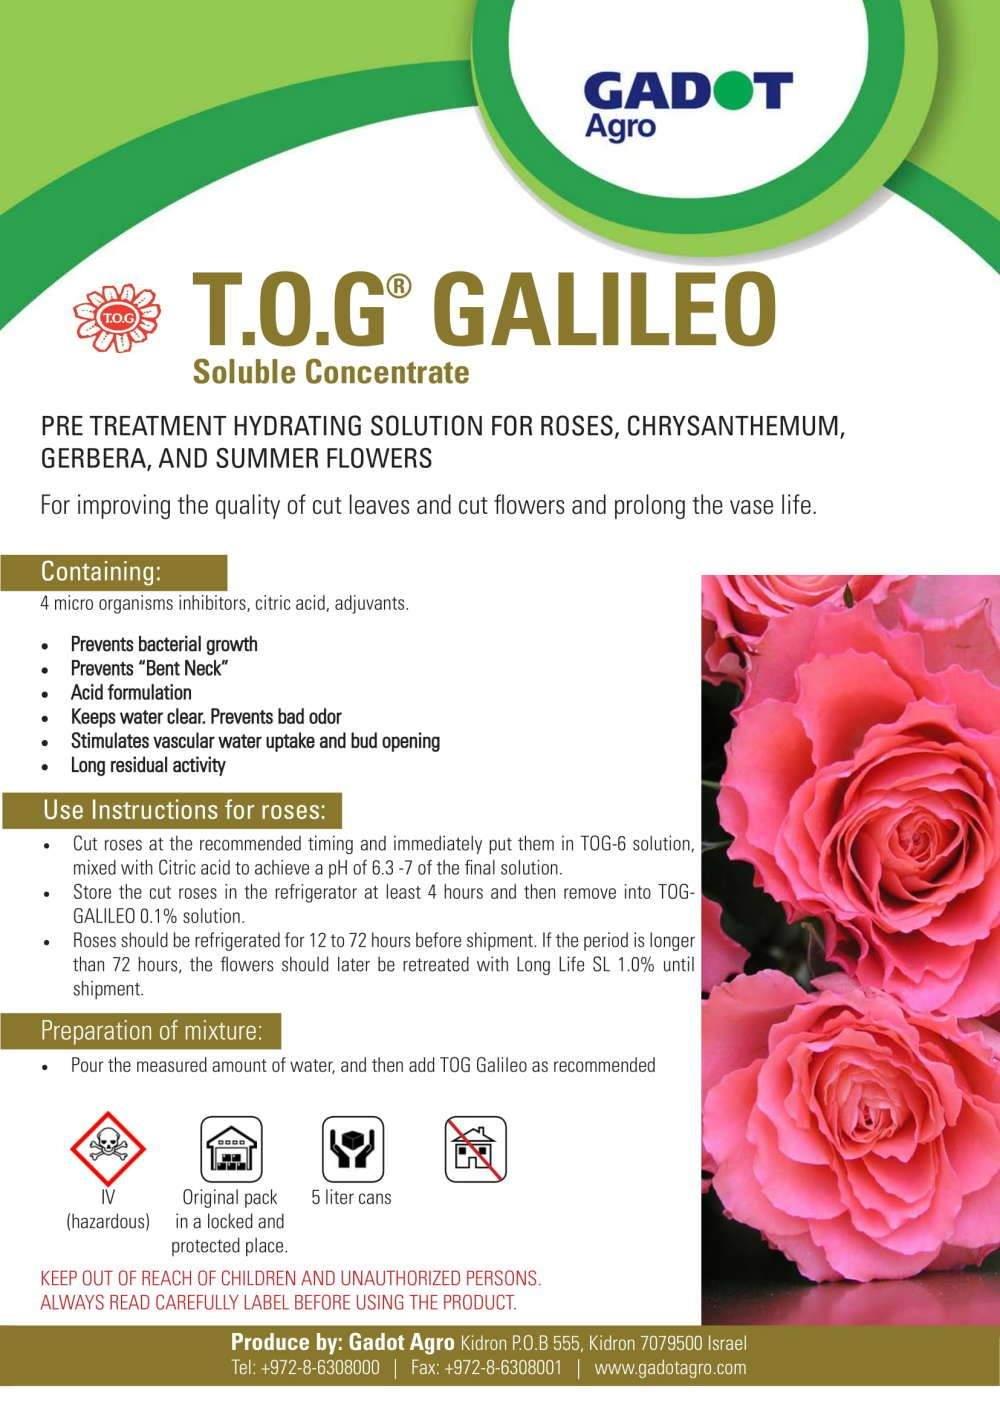 TOG GALILEO_27-2-18 (1)-1